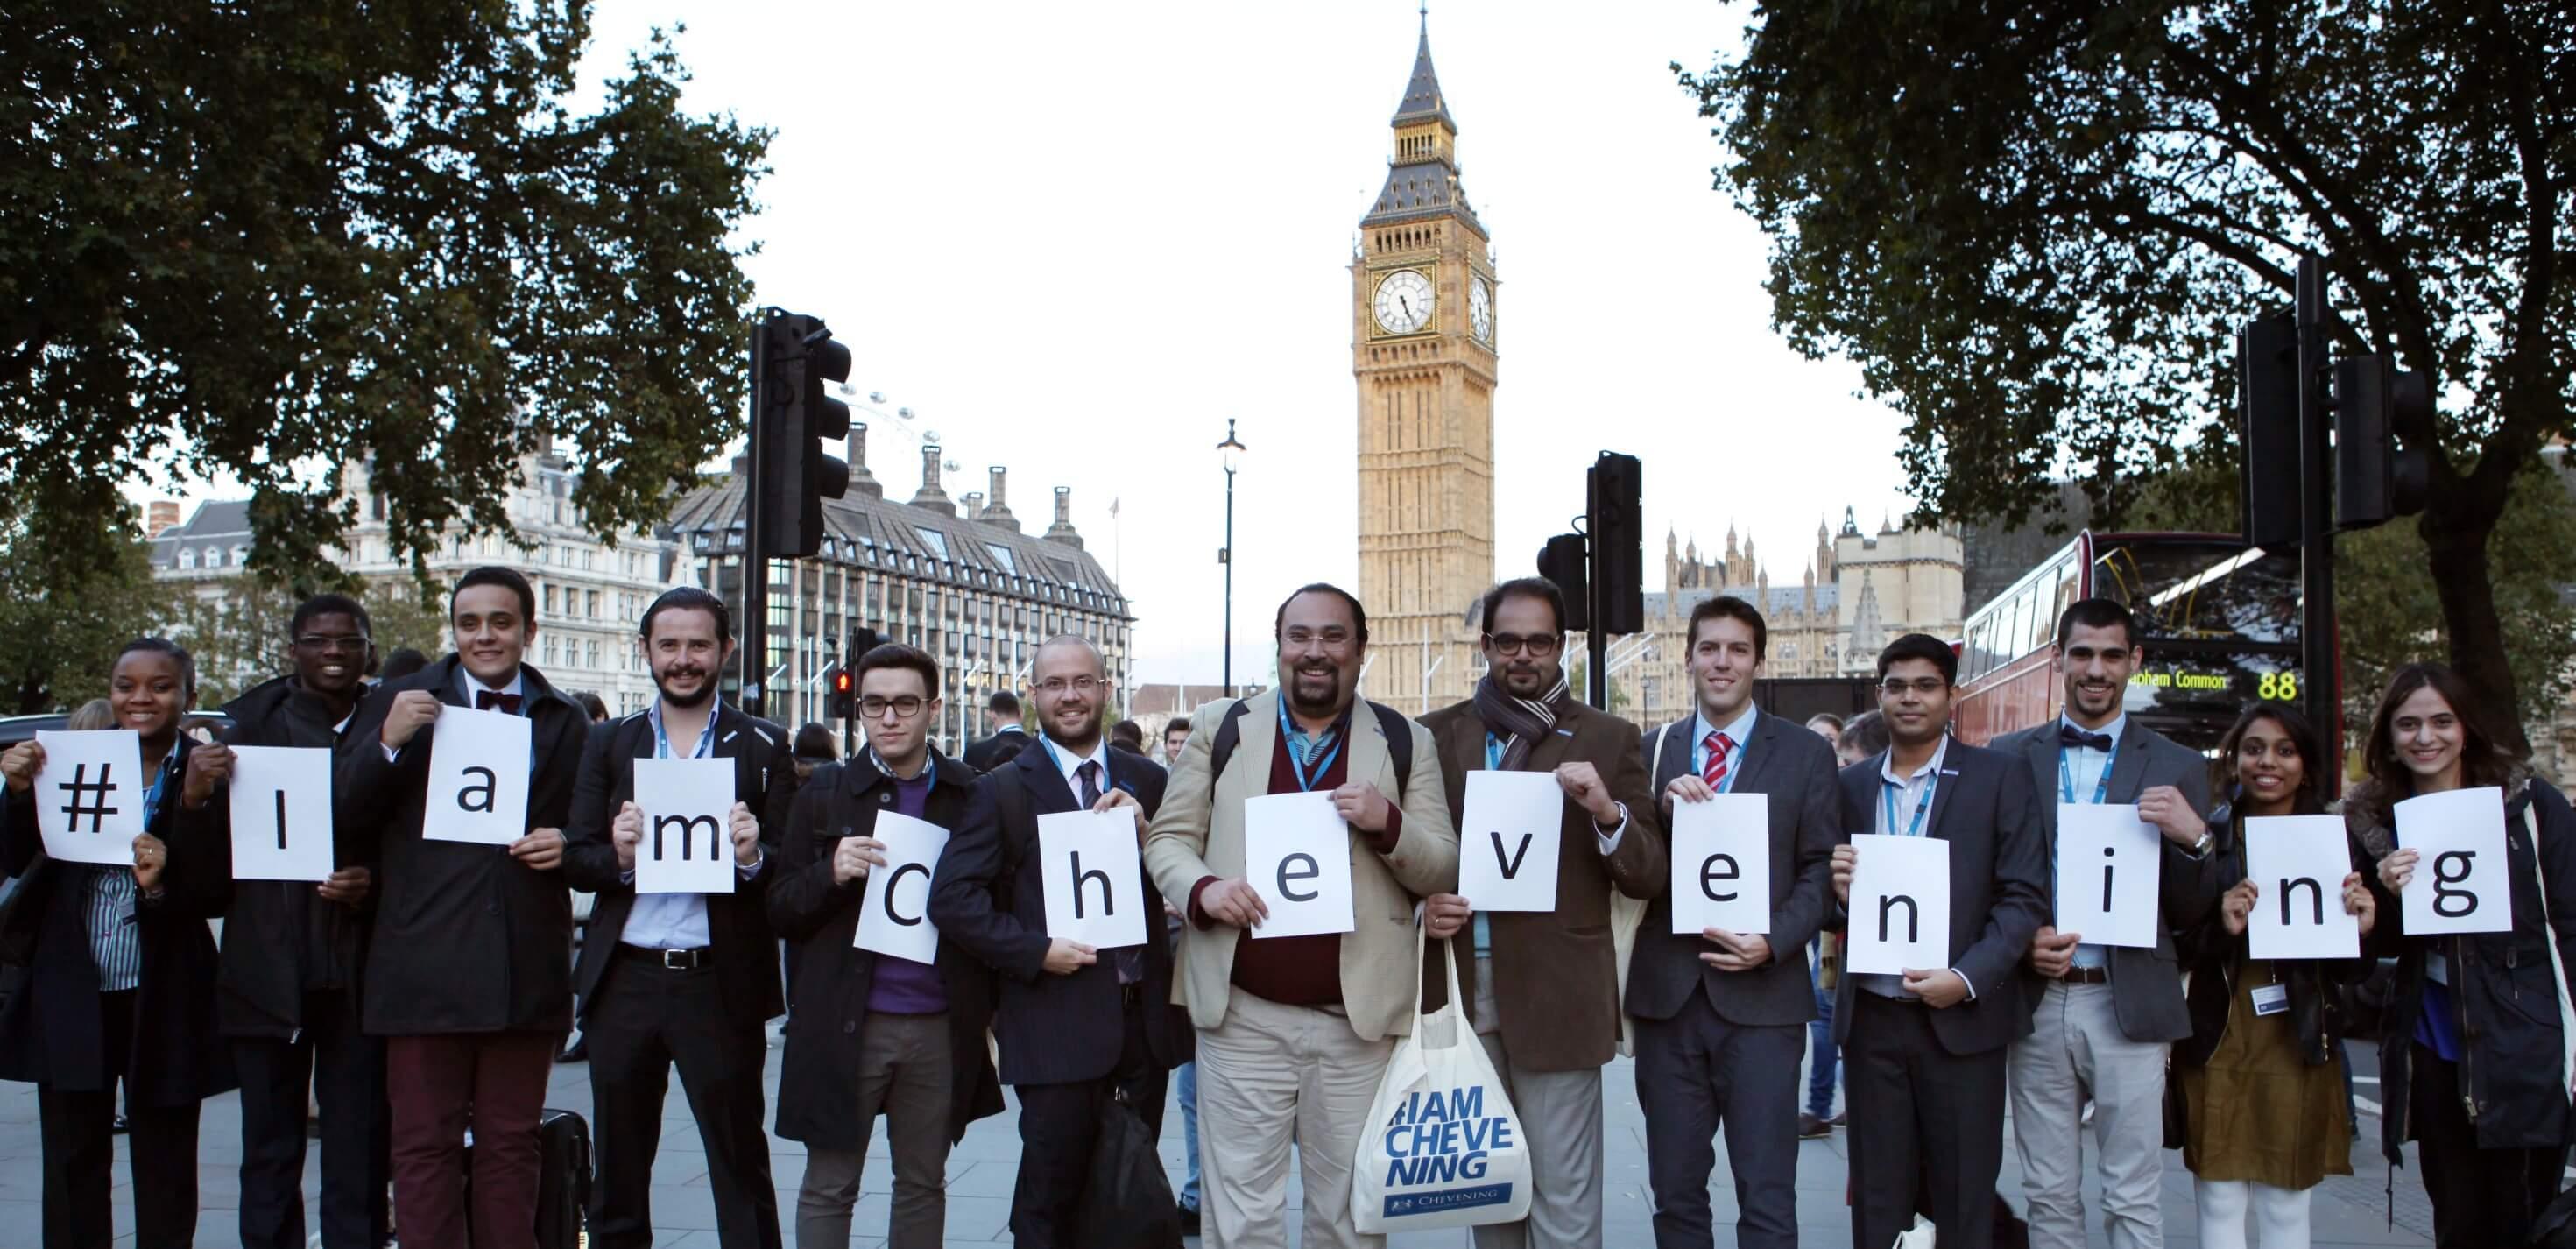 2019/20年 Chevening 英國政府獎學金已正式對外開放申請!